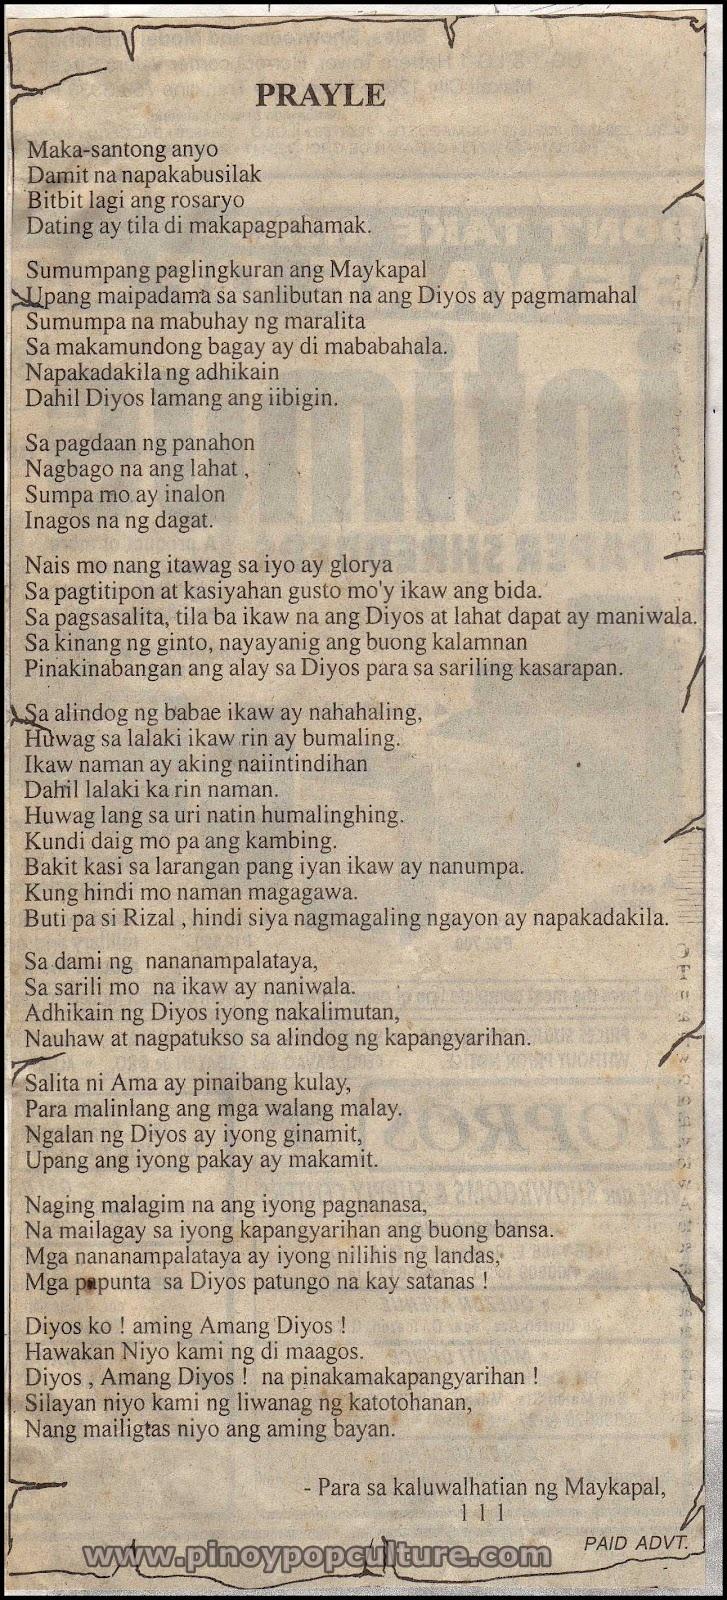 prayle, prayle adverstisement, poem, poems